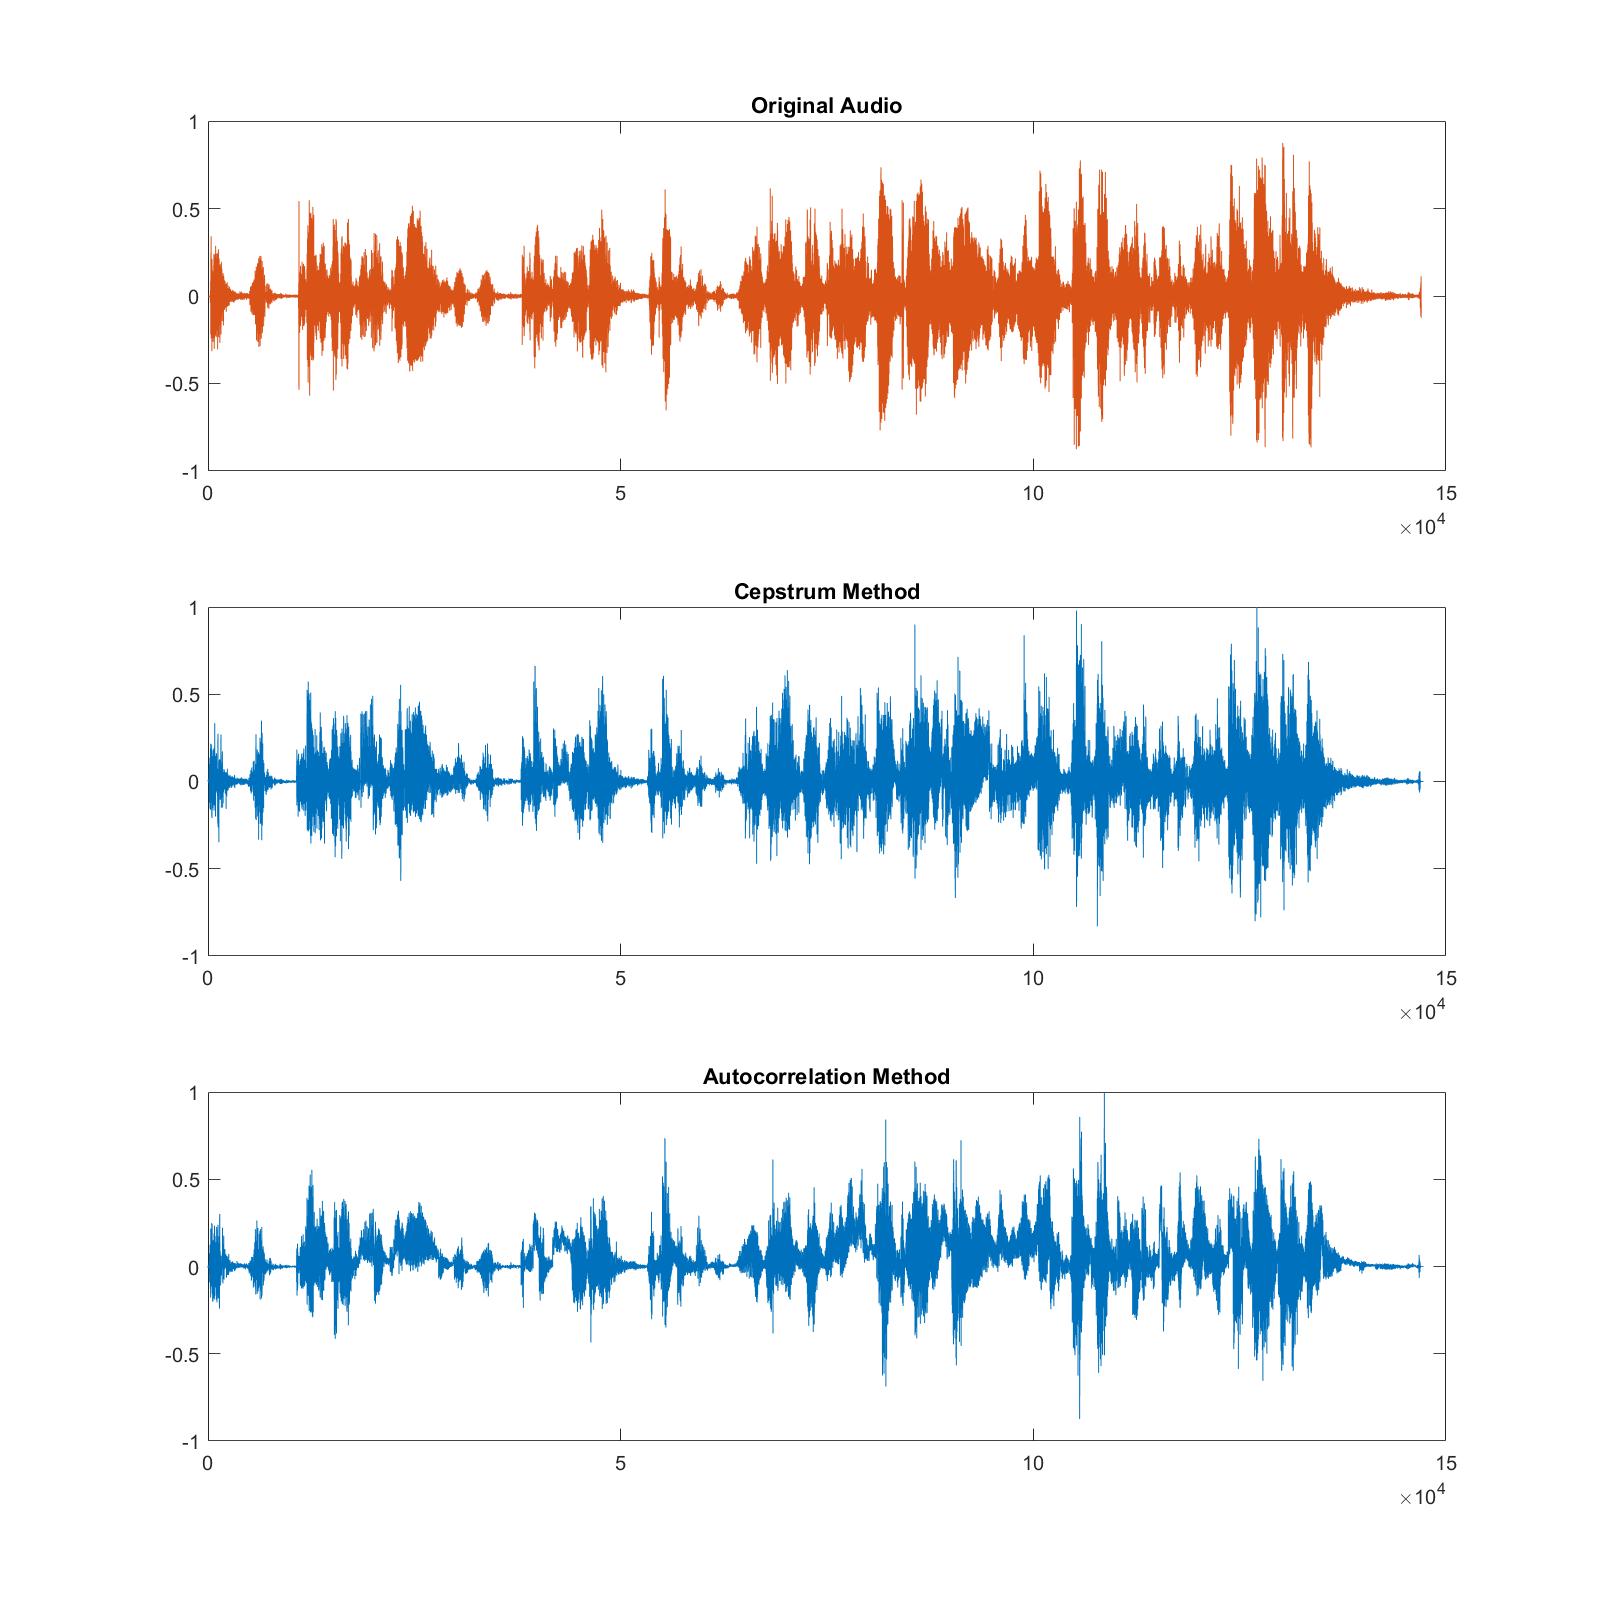 Comparison between original audio signal, cepstrum-based estimate, and autocorrelation-based estimate.